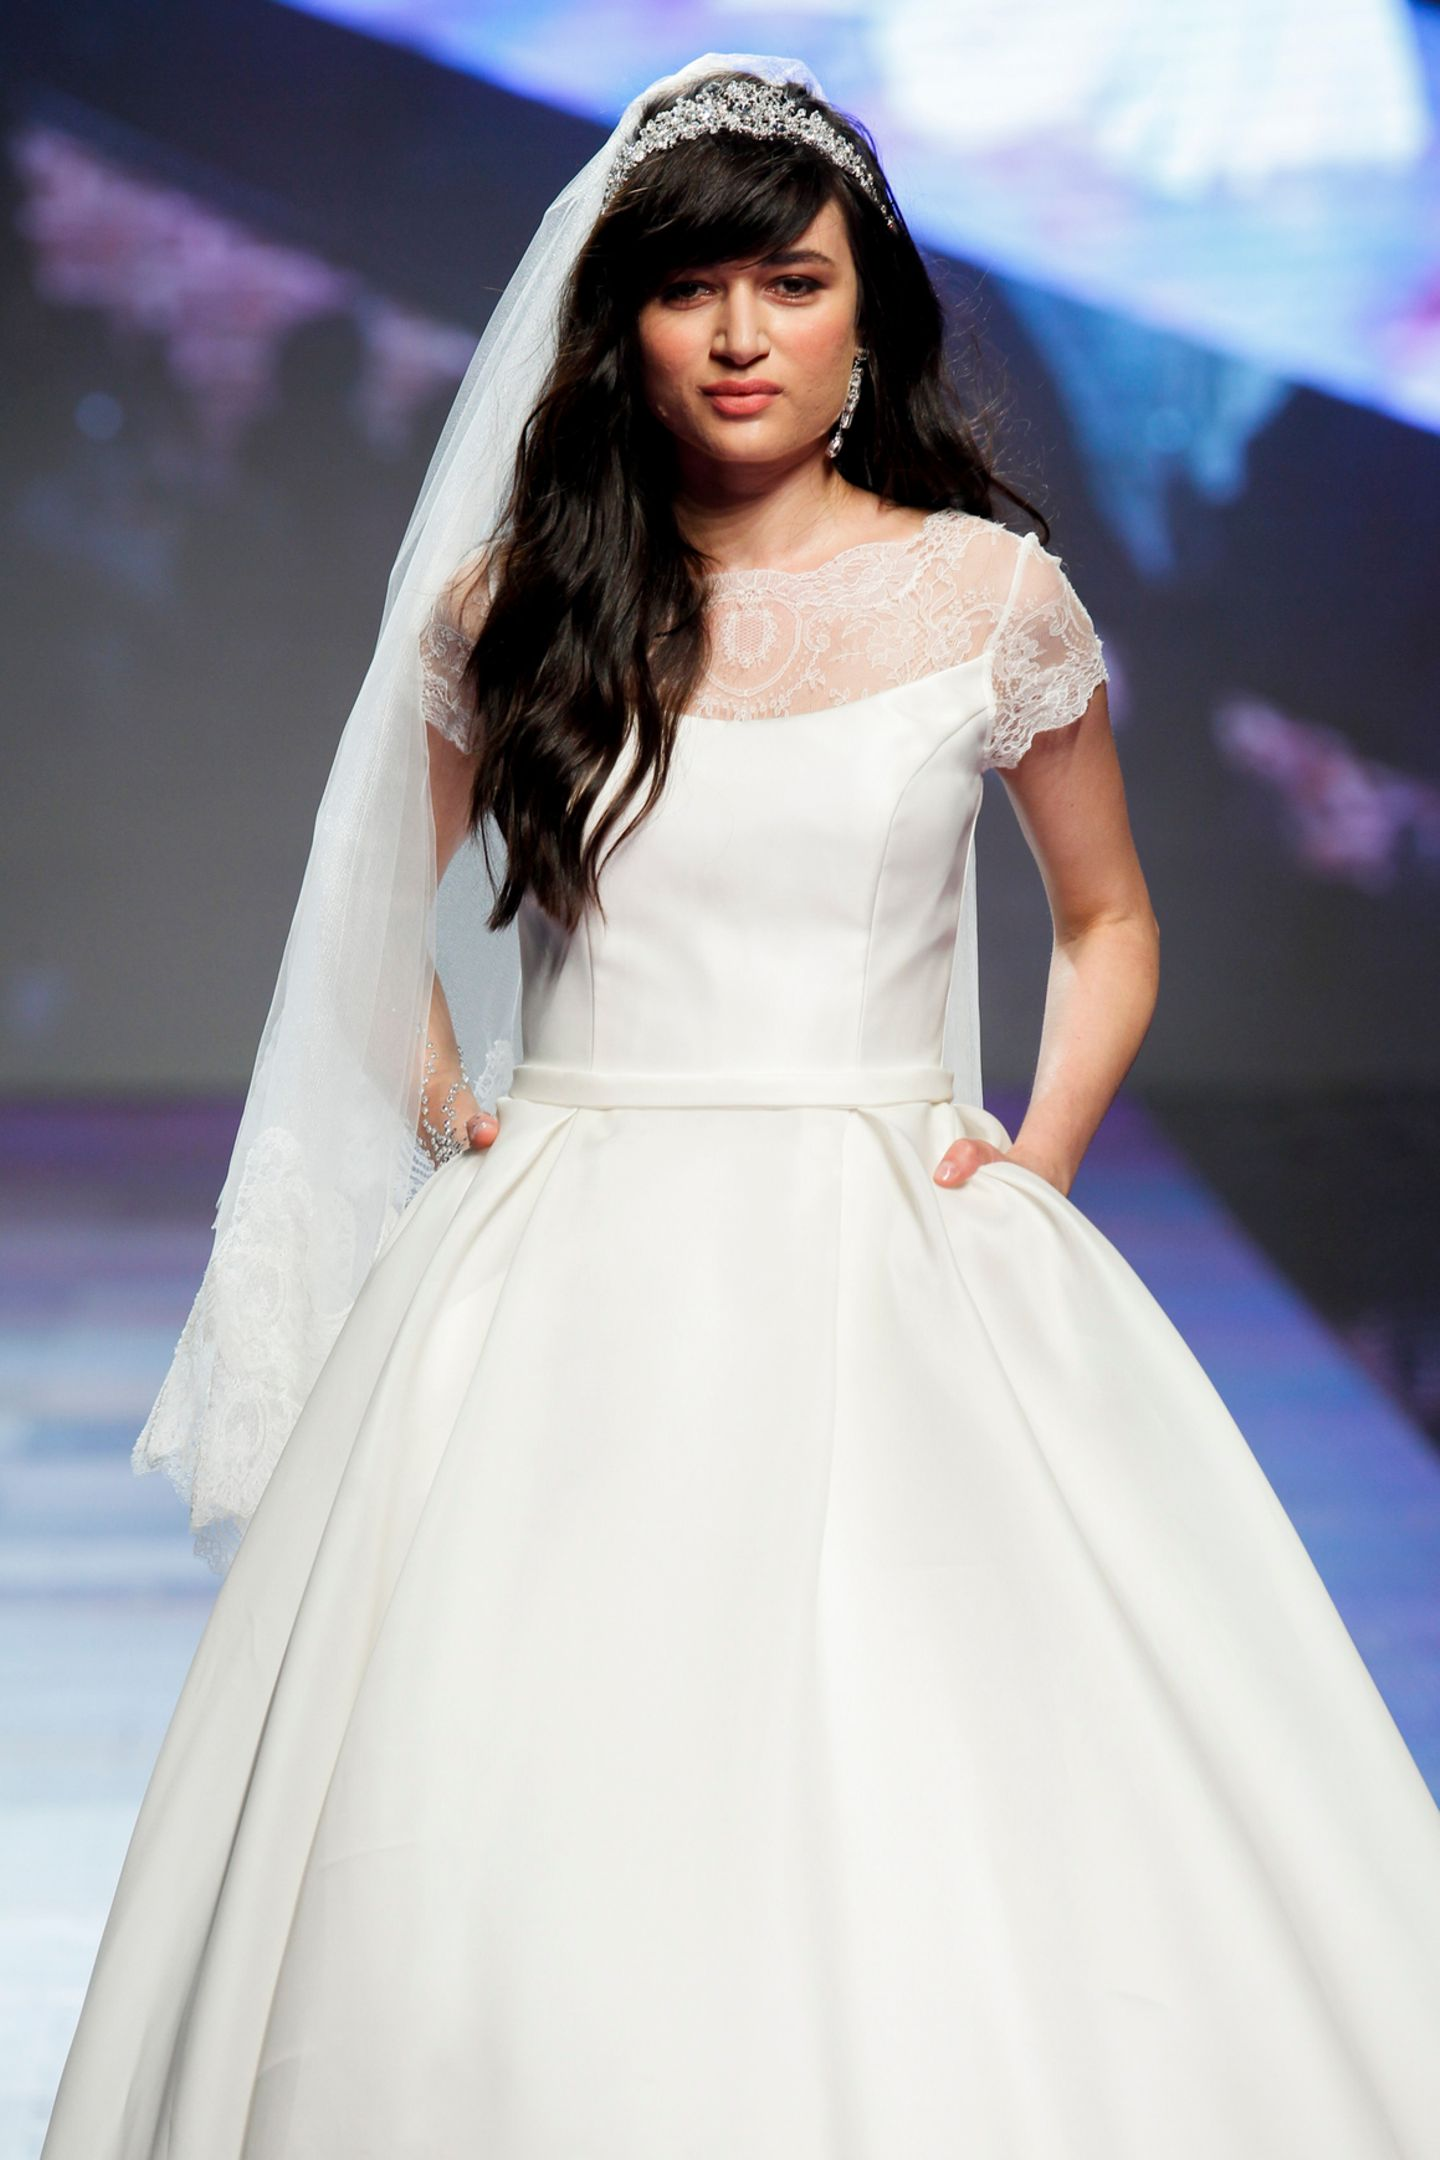 Brautfrisur mit Schleier: Frau mit Brautkleid, Schleier und Diadem im Haar